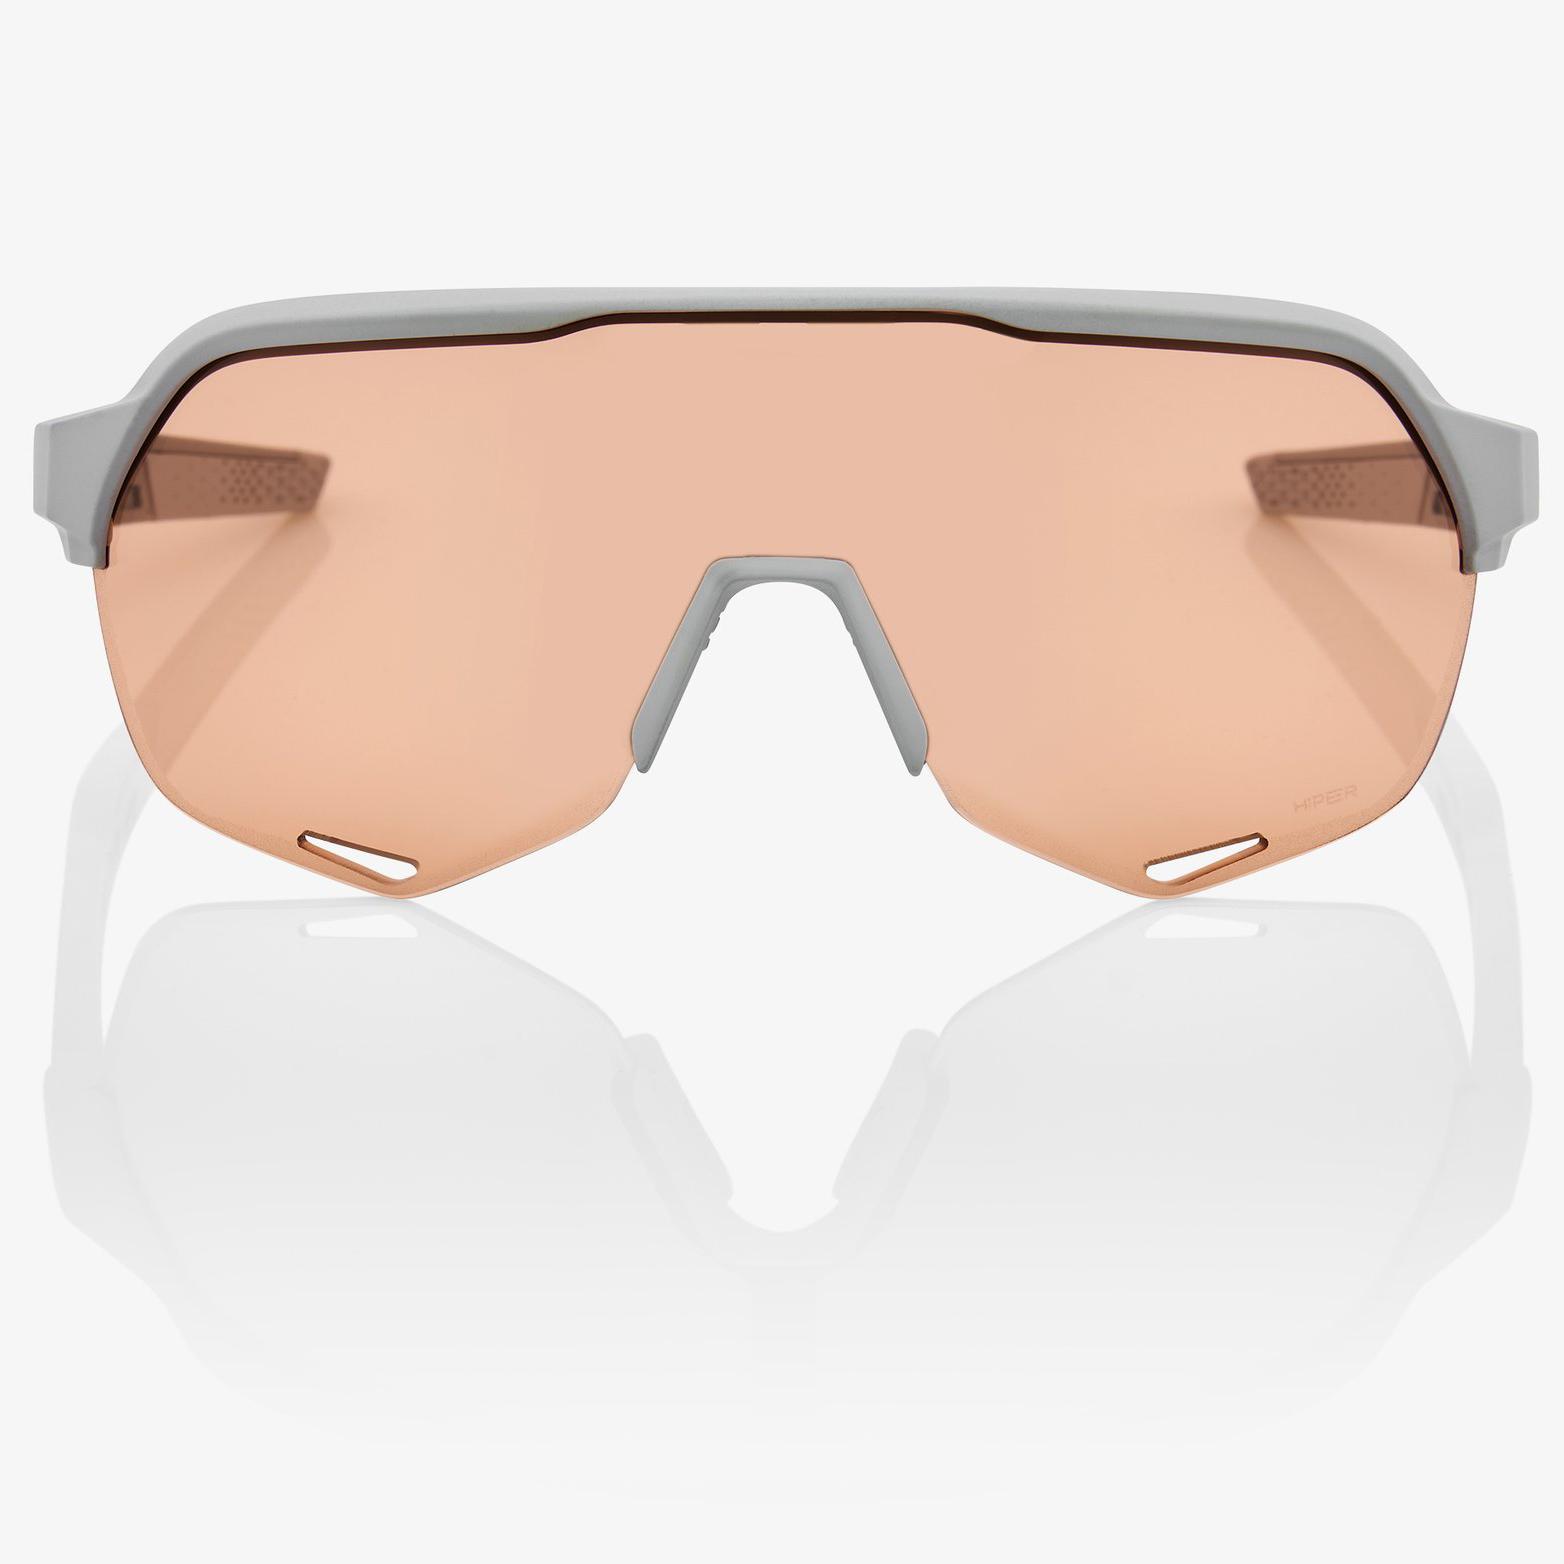 Imagen de 100% S2 HiPER Lens Glasses - Soft Tact Stone Grey/Coral + Clear